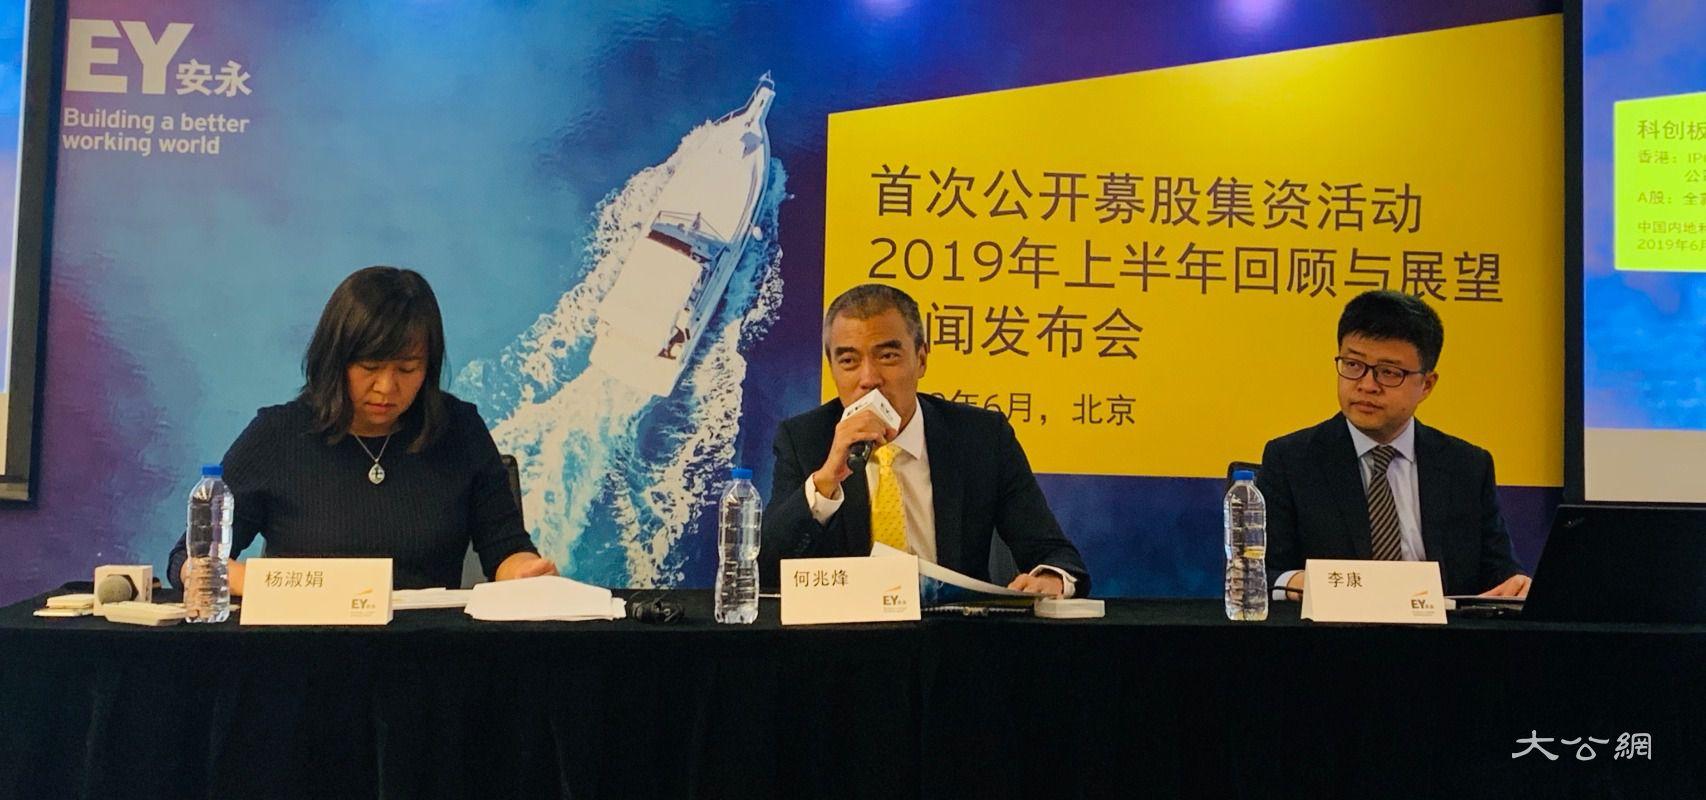 安永何兆烽:2019下半年IPO活动或将持续增加